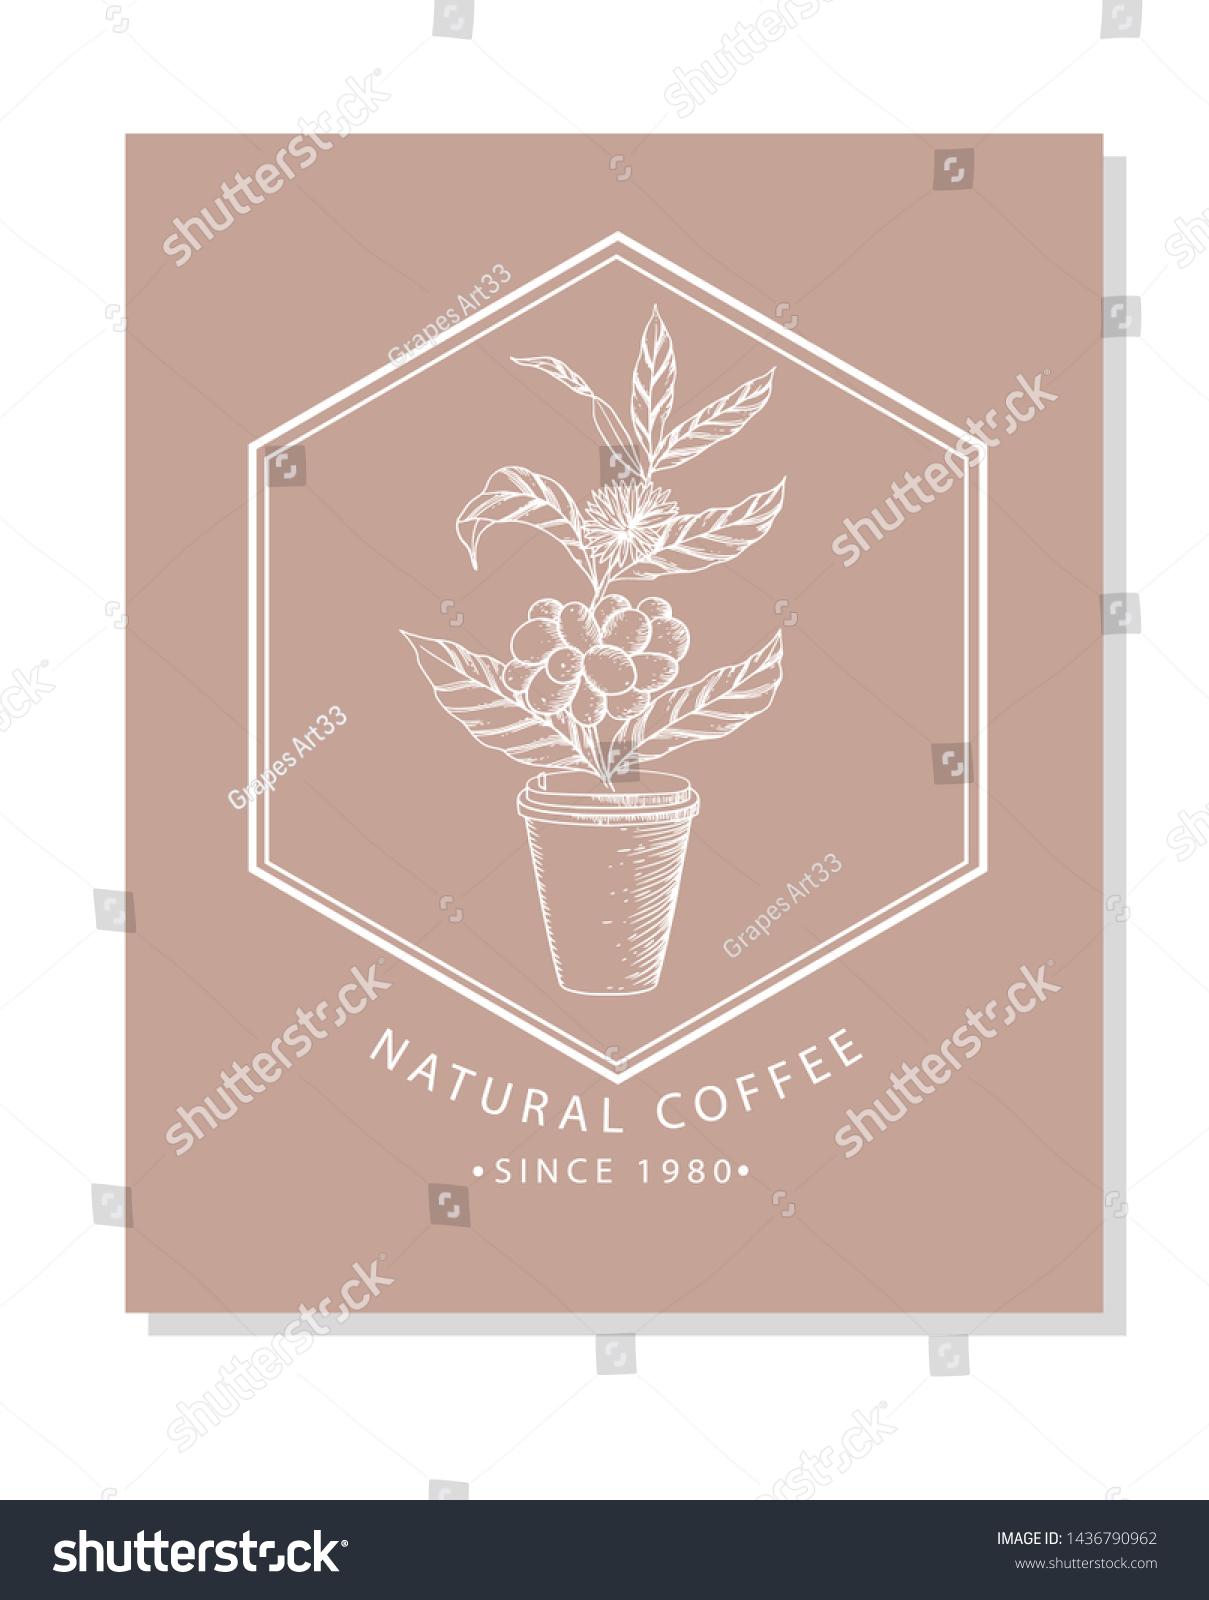 Vector De Stock Libre De Regalias Sobre Linear Logo Design Cafe Bar Restaurant1436790962